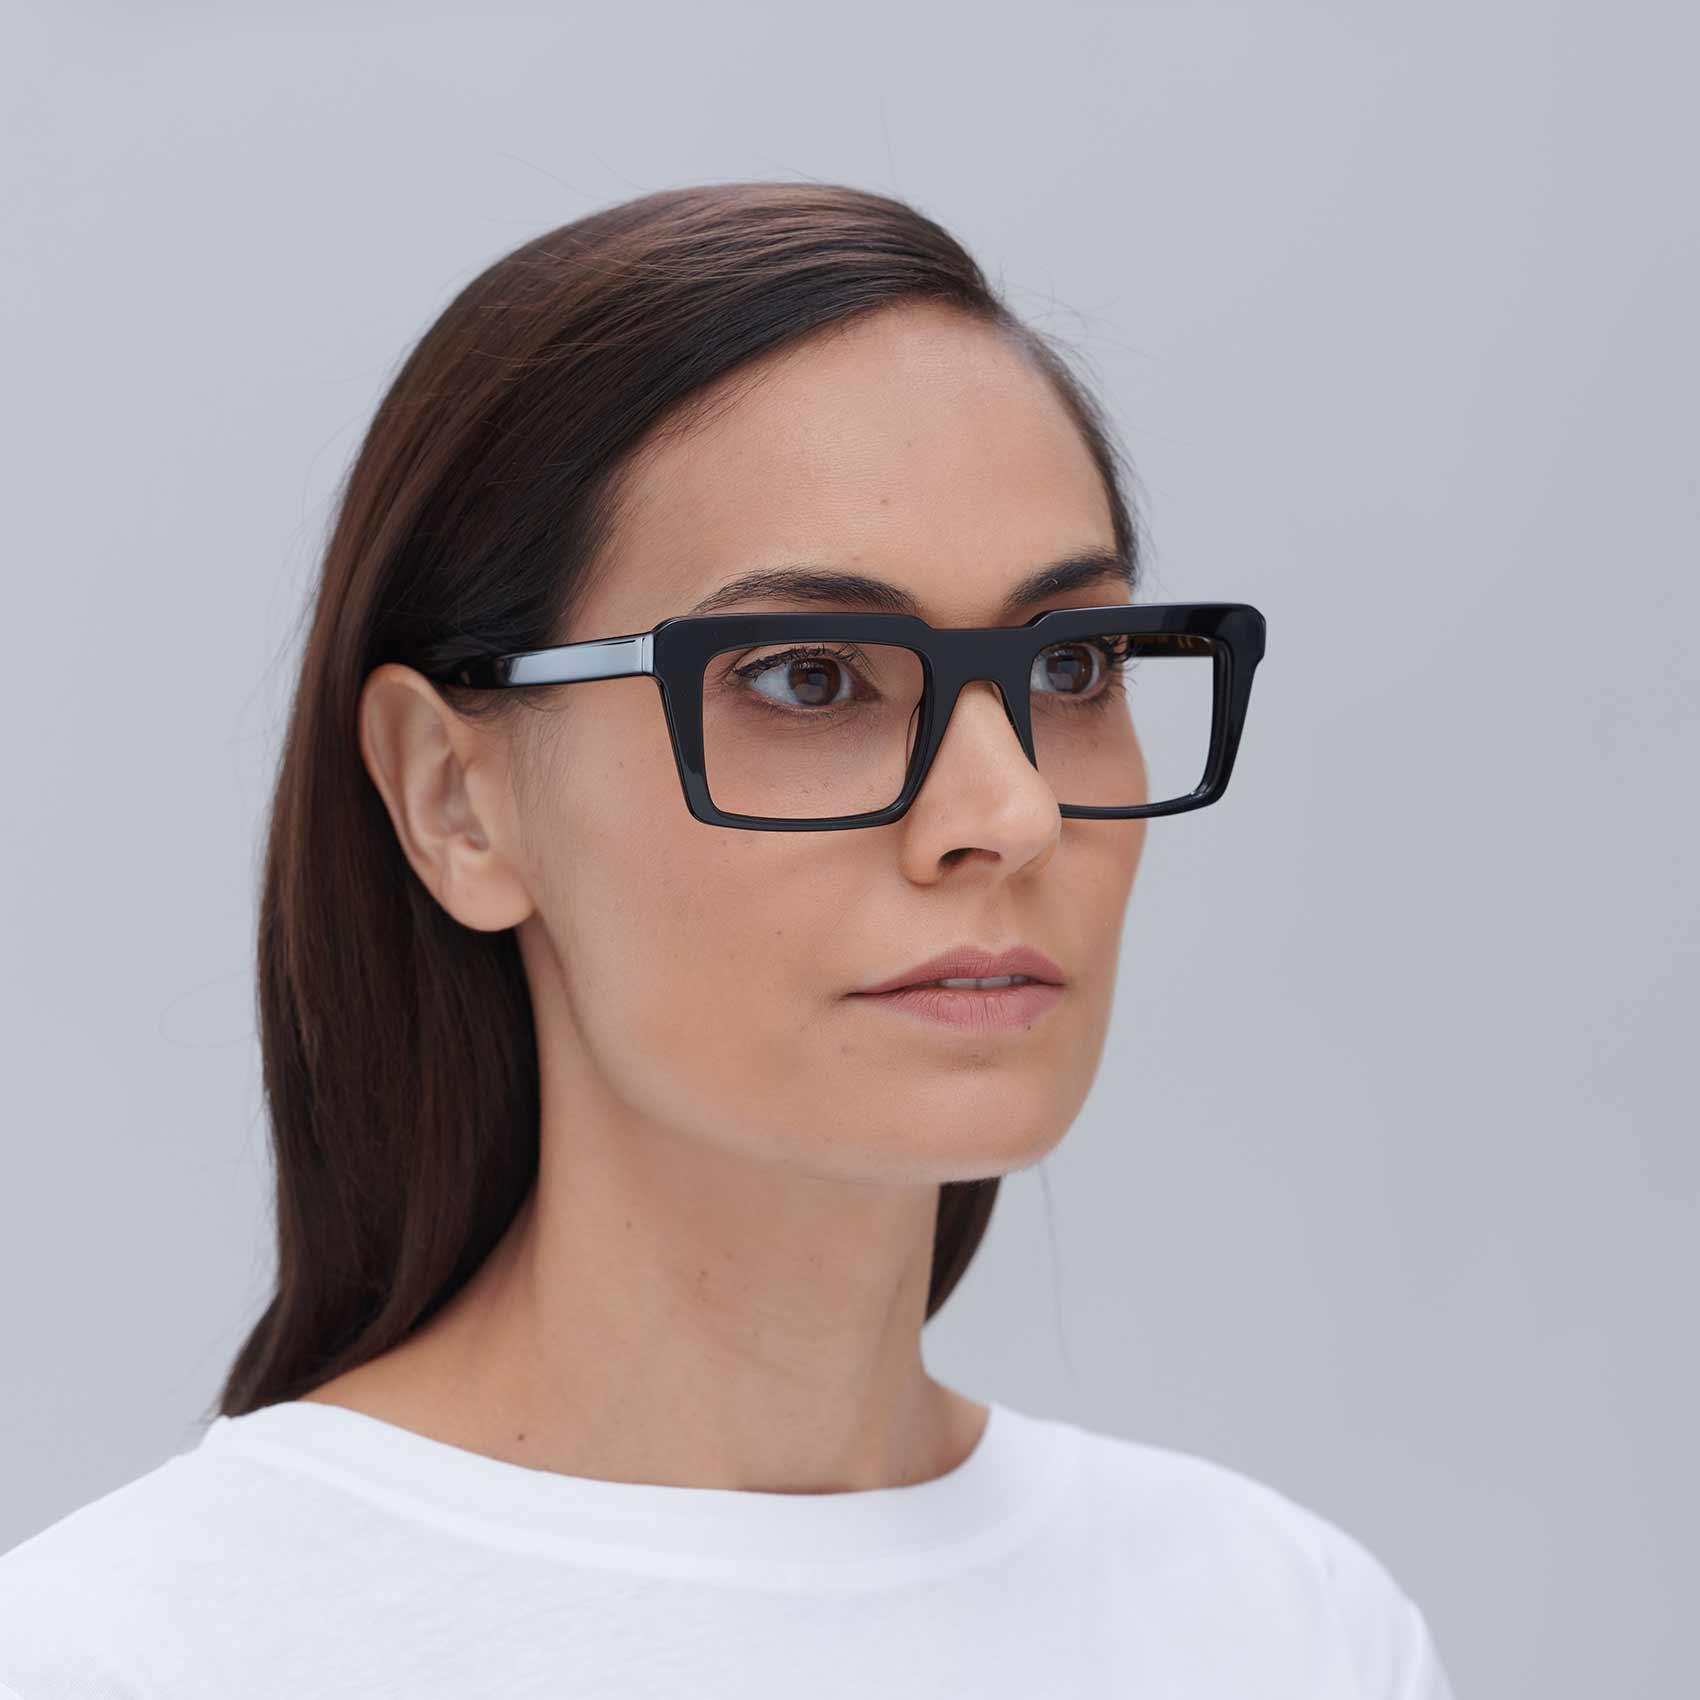 Gafas retro ecológicas con montura compostable